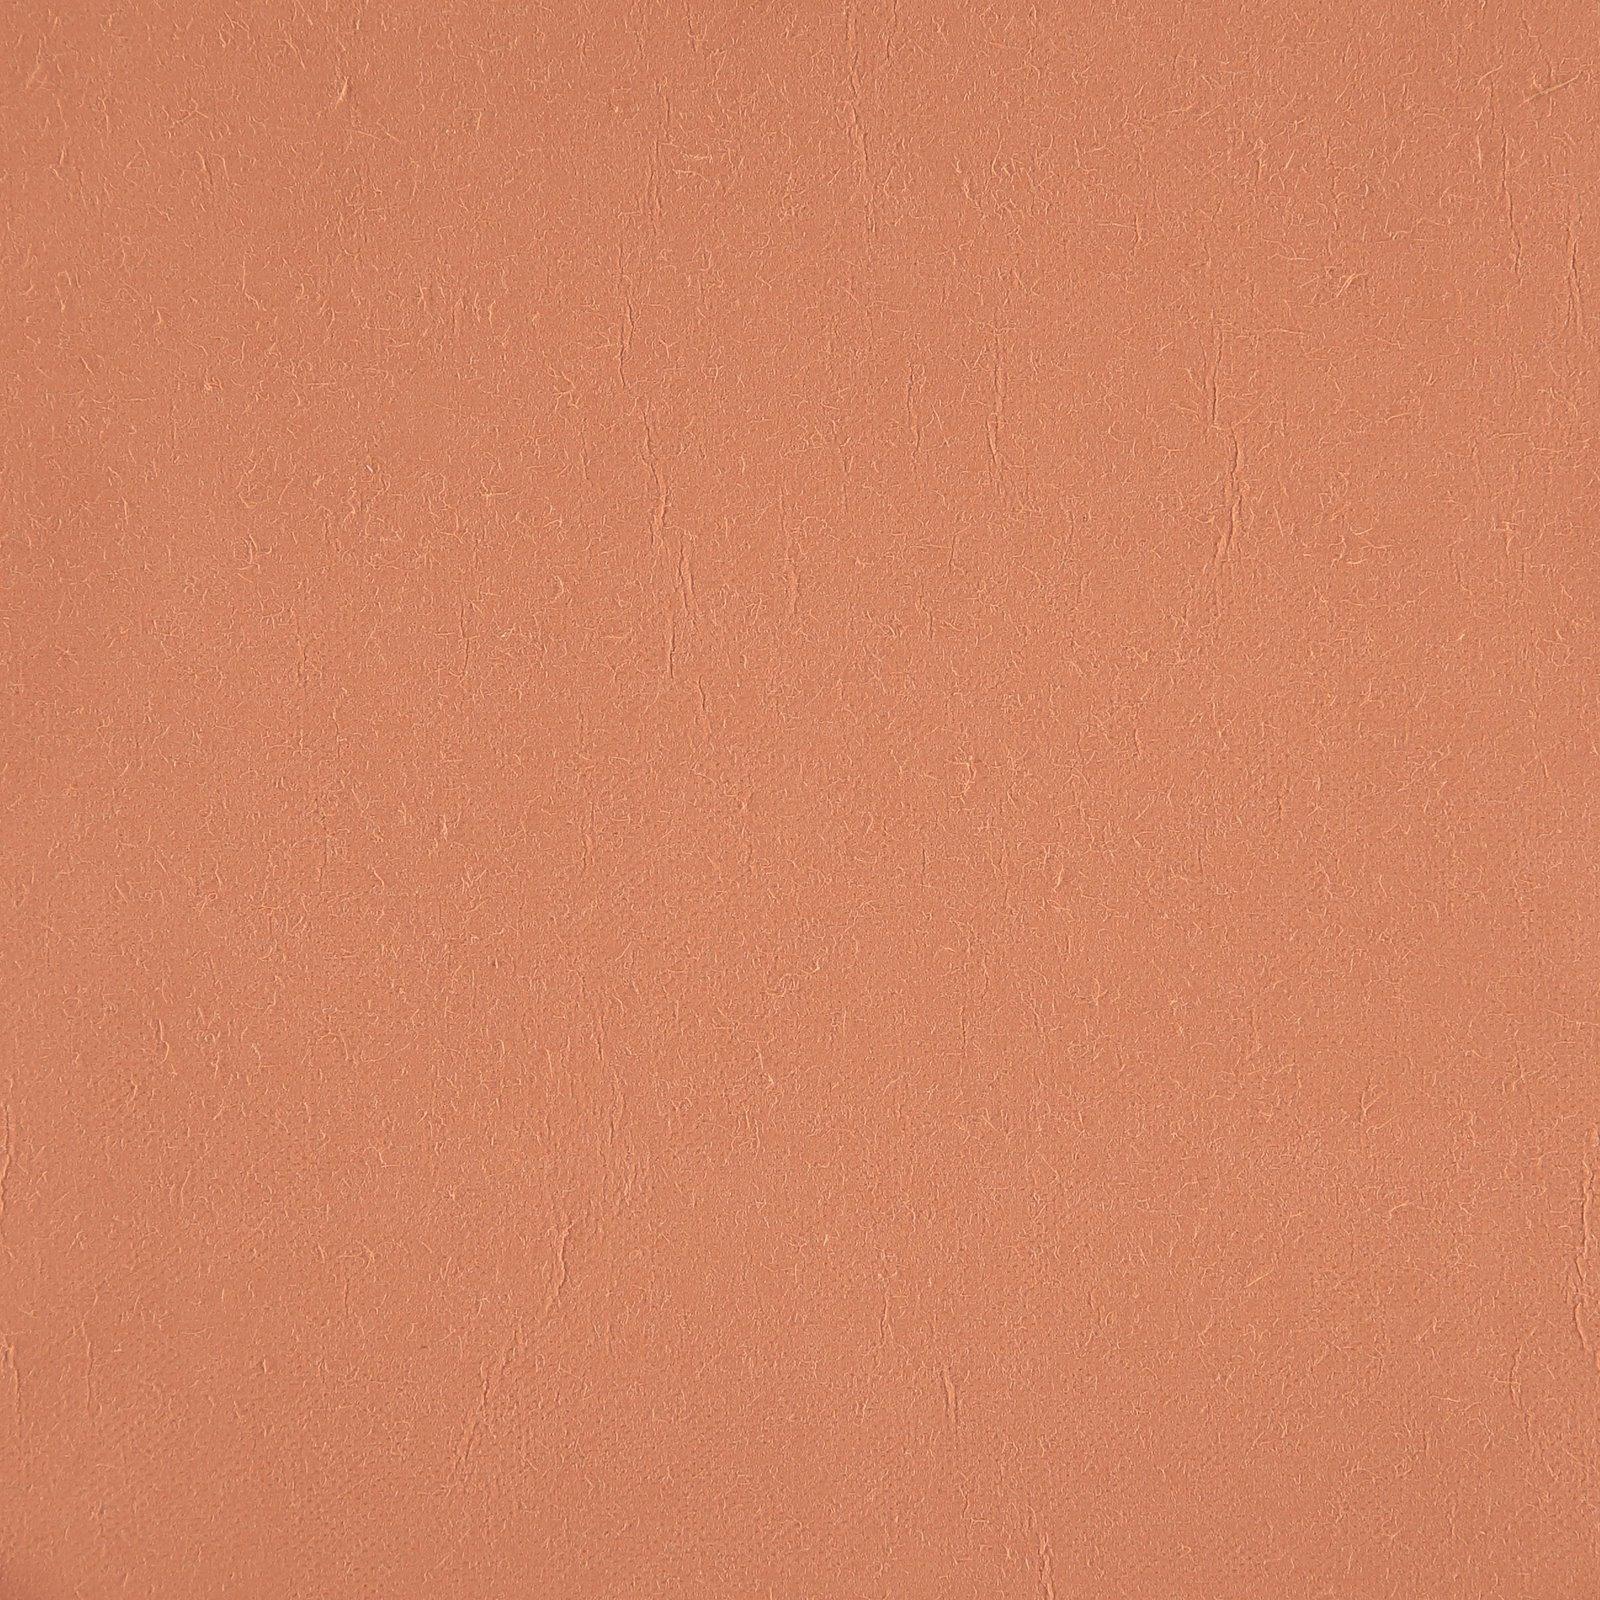 PAP FAB peach, 75x100cm